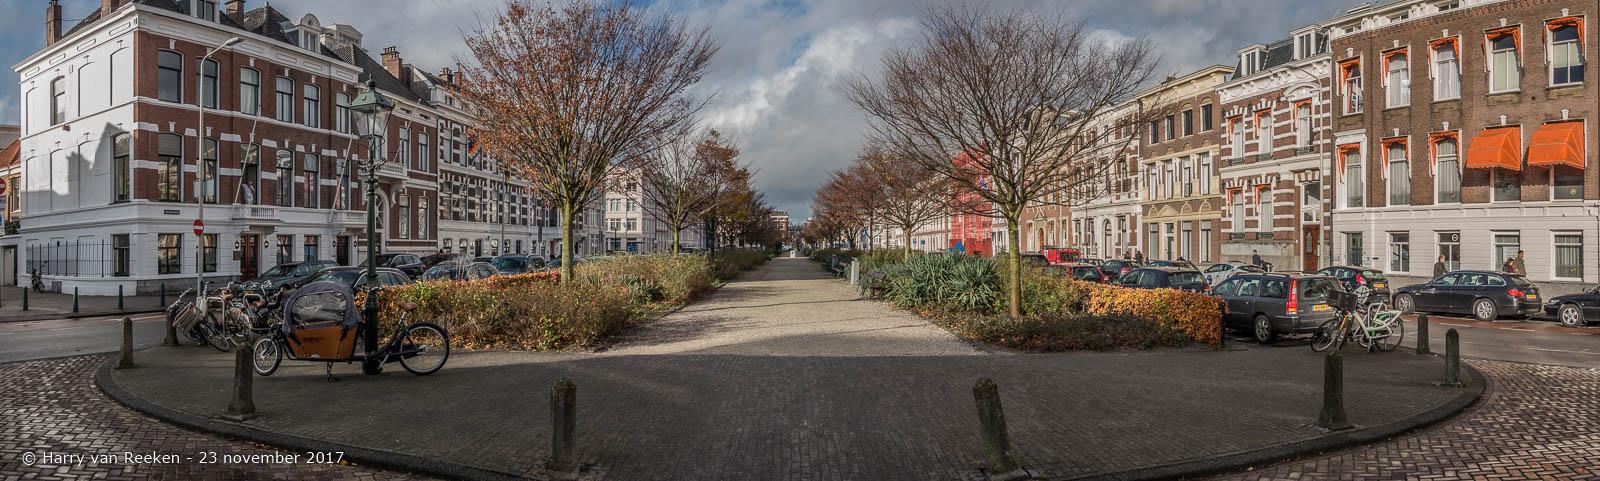 Nassauplein - Archipelbuurt - pano 2